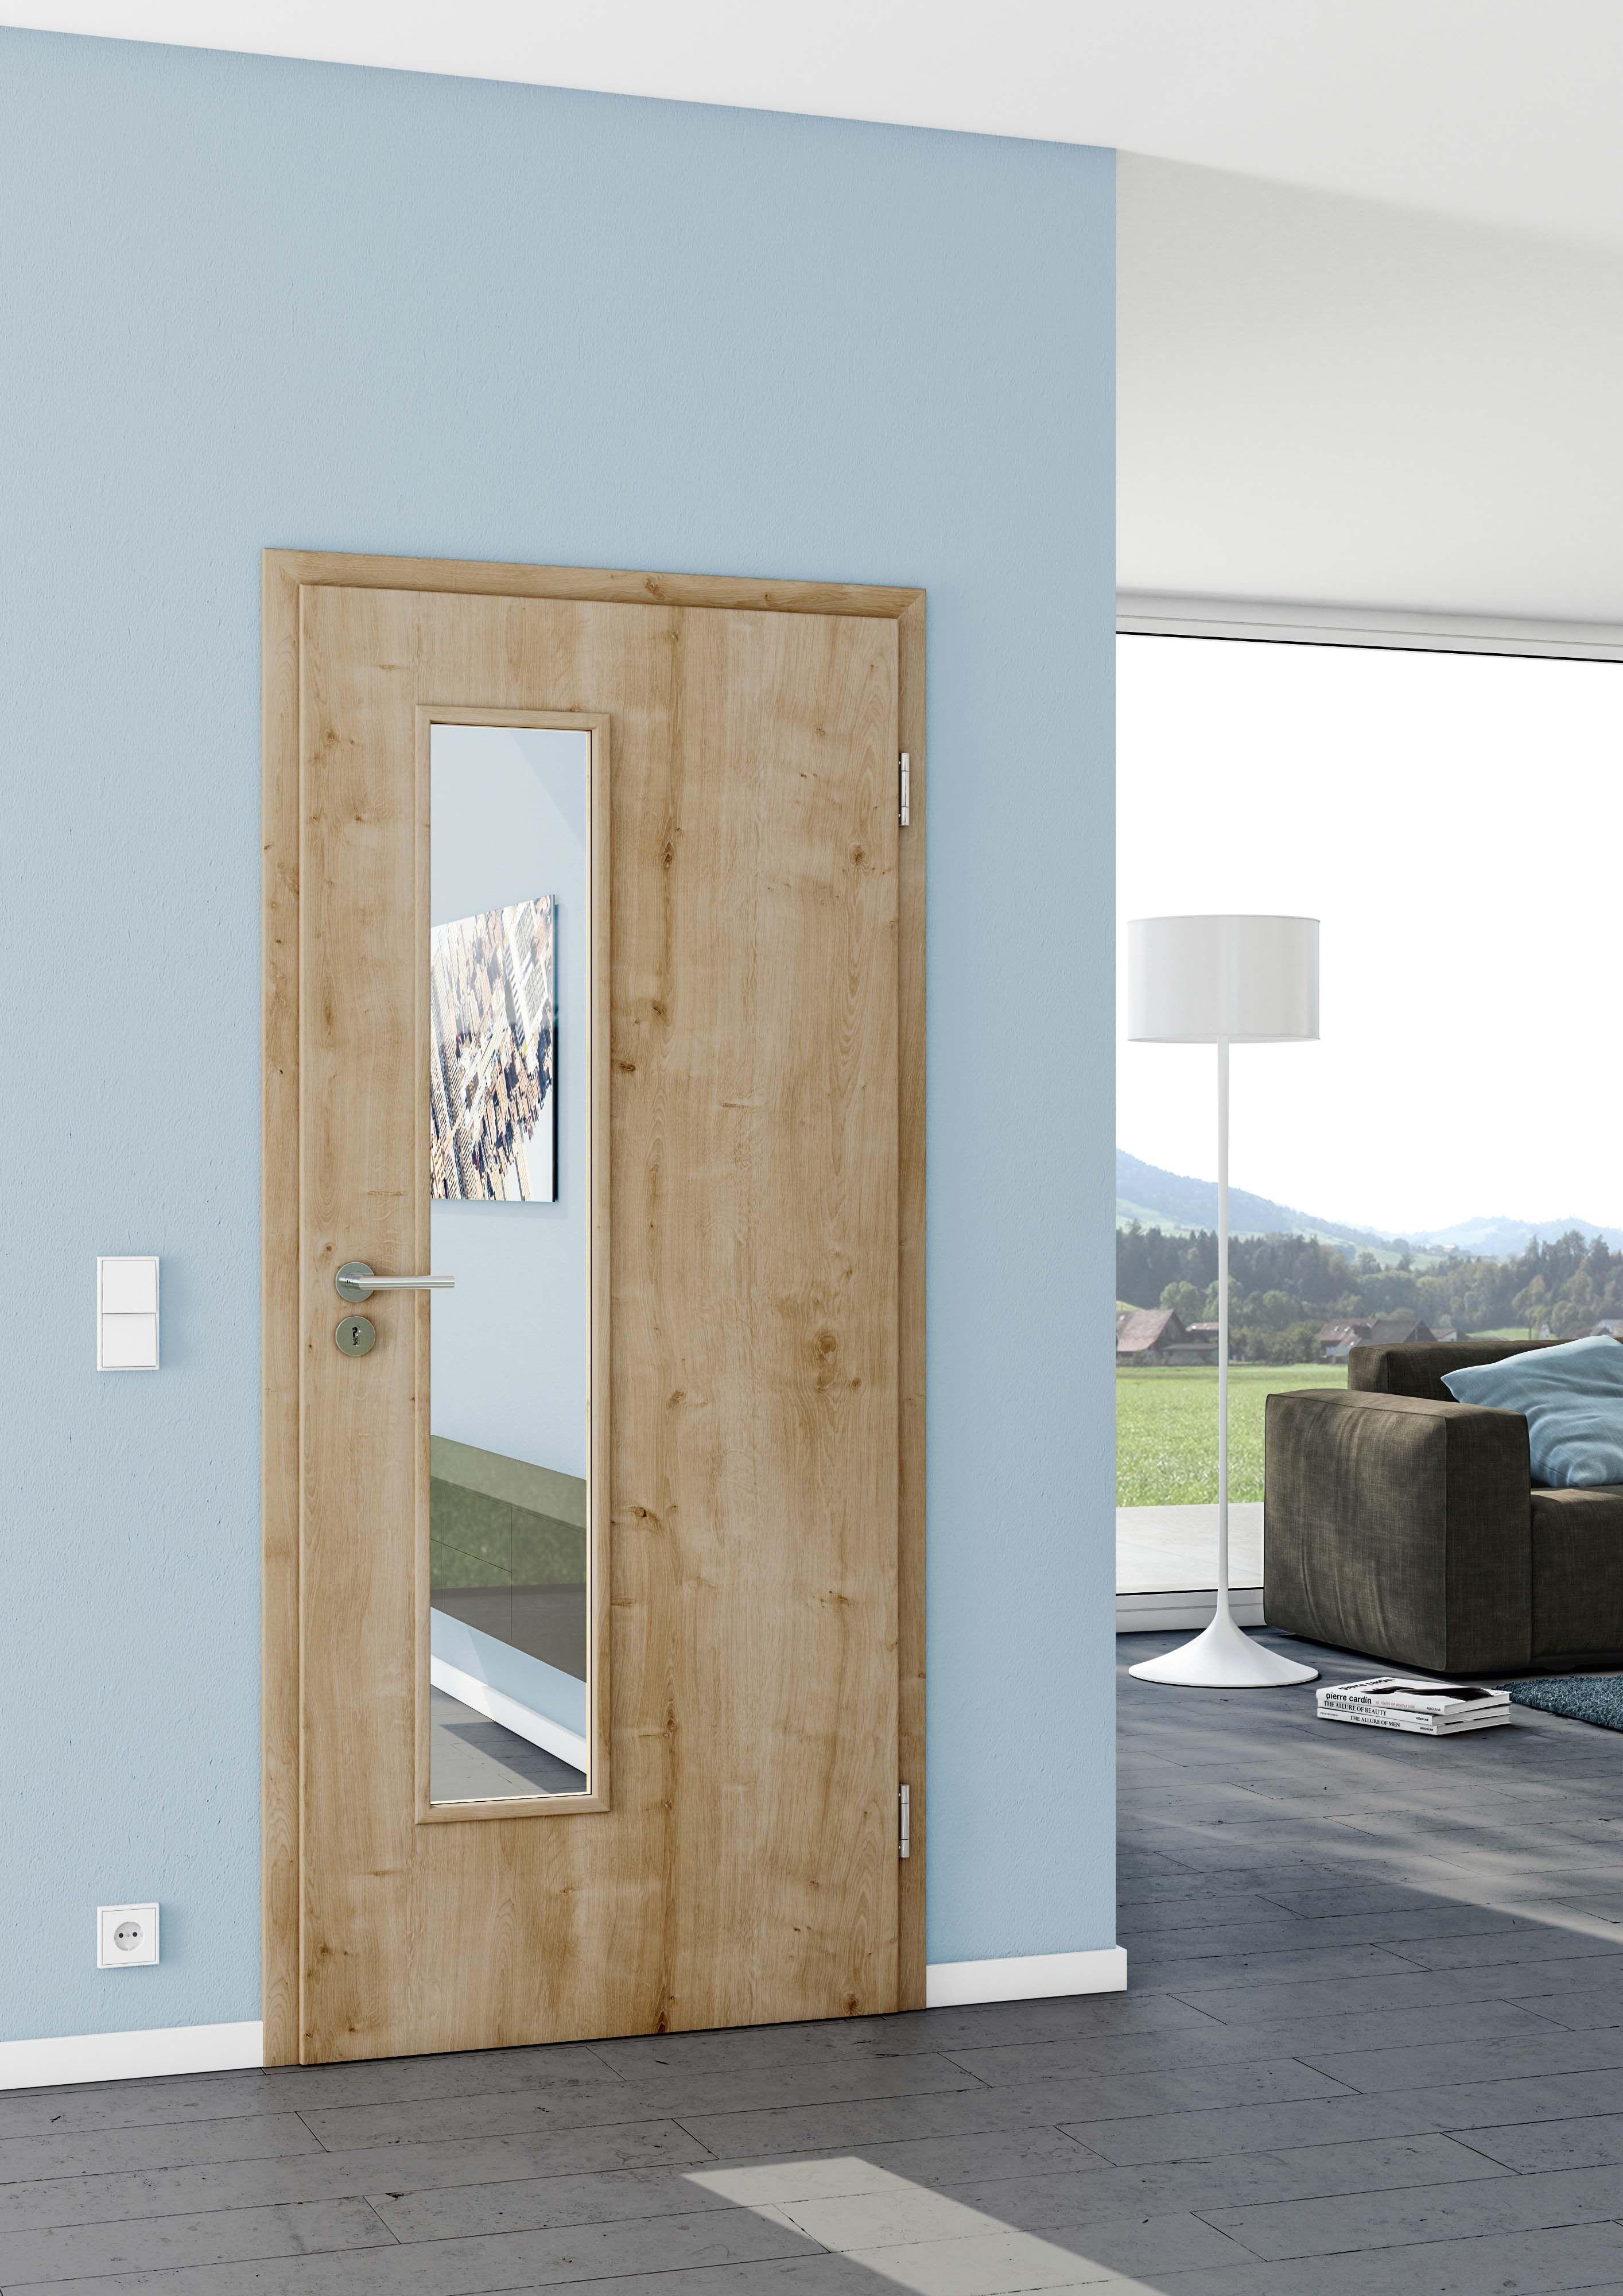 Lichtdurchlässige Innenraumtüren sorgen für Durchblick und